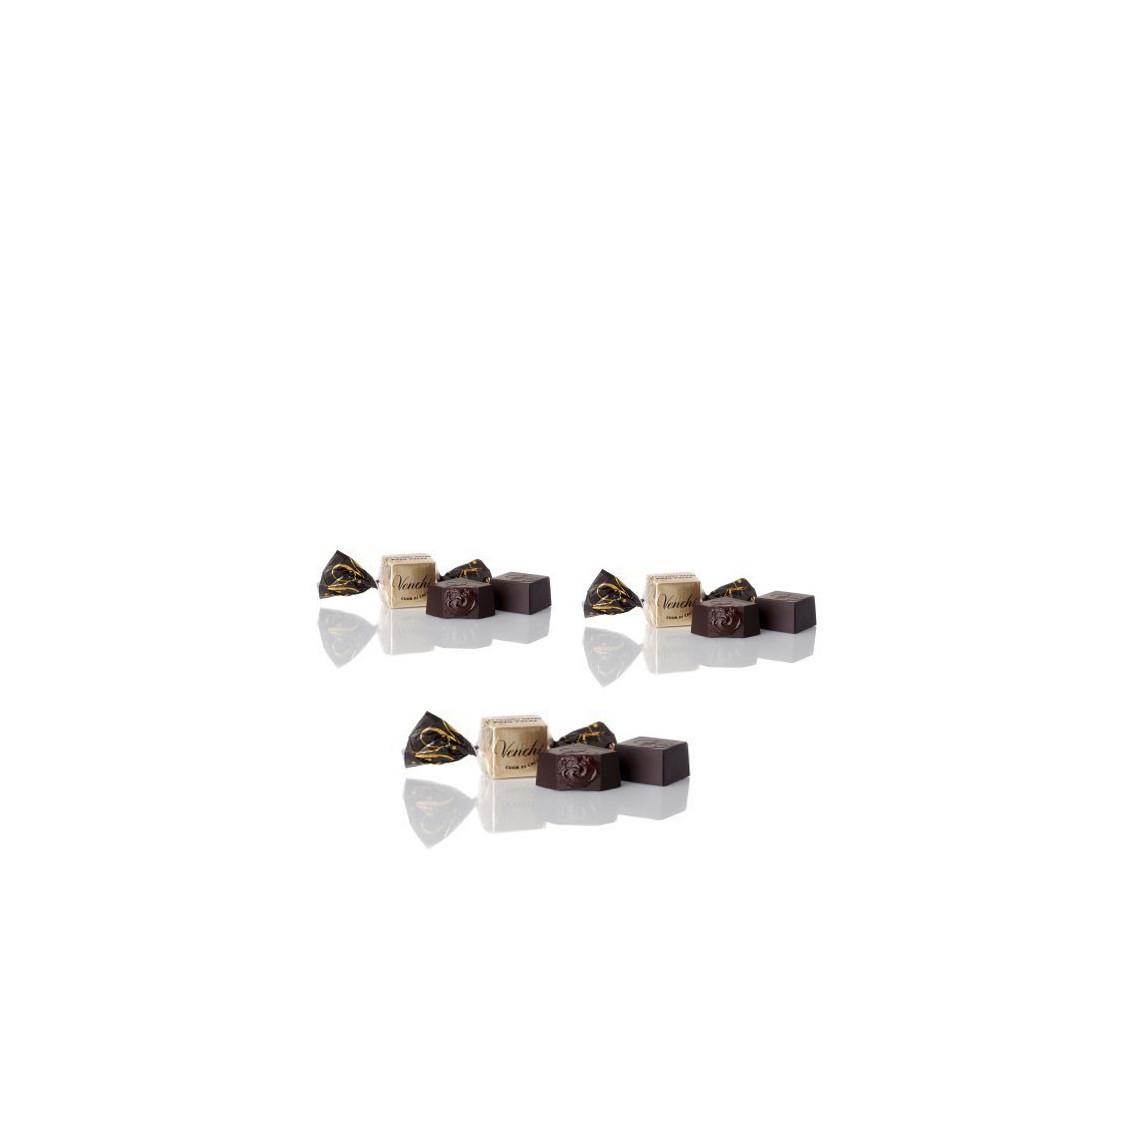 VENCHI Cubotto ripieno Cuor di Cacao - 500 gr